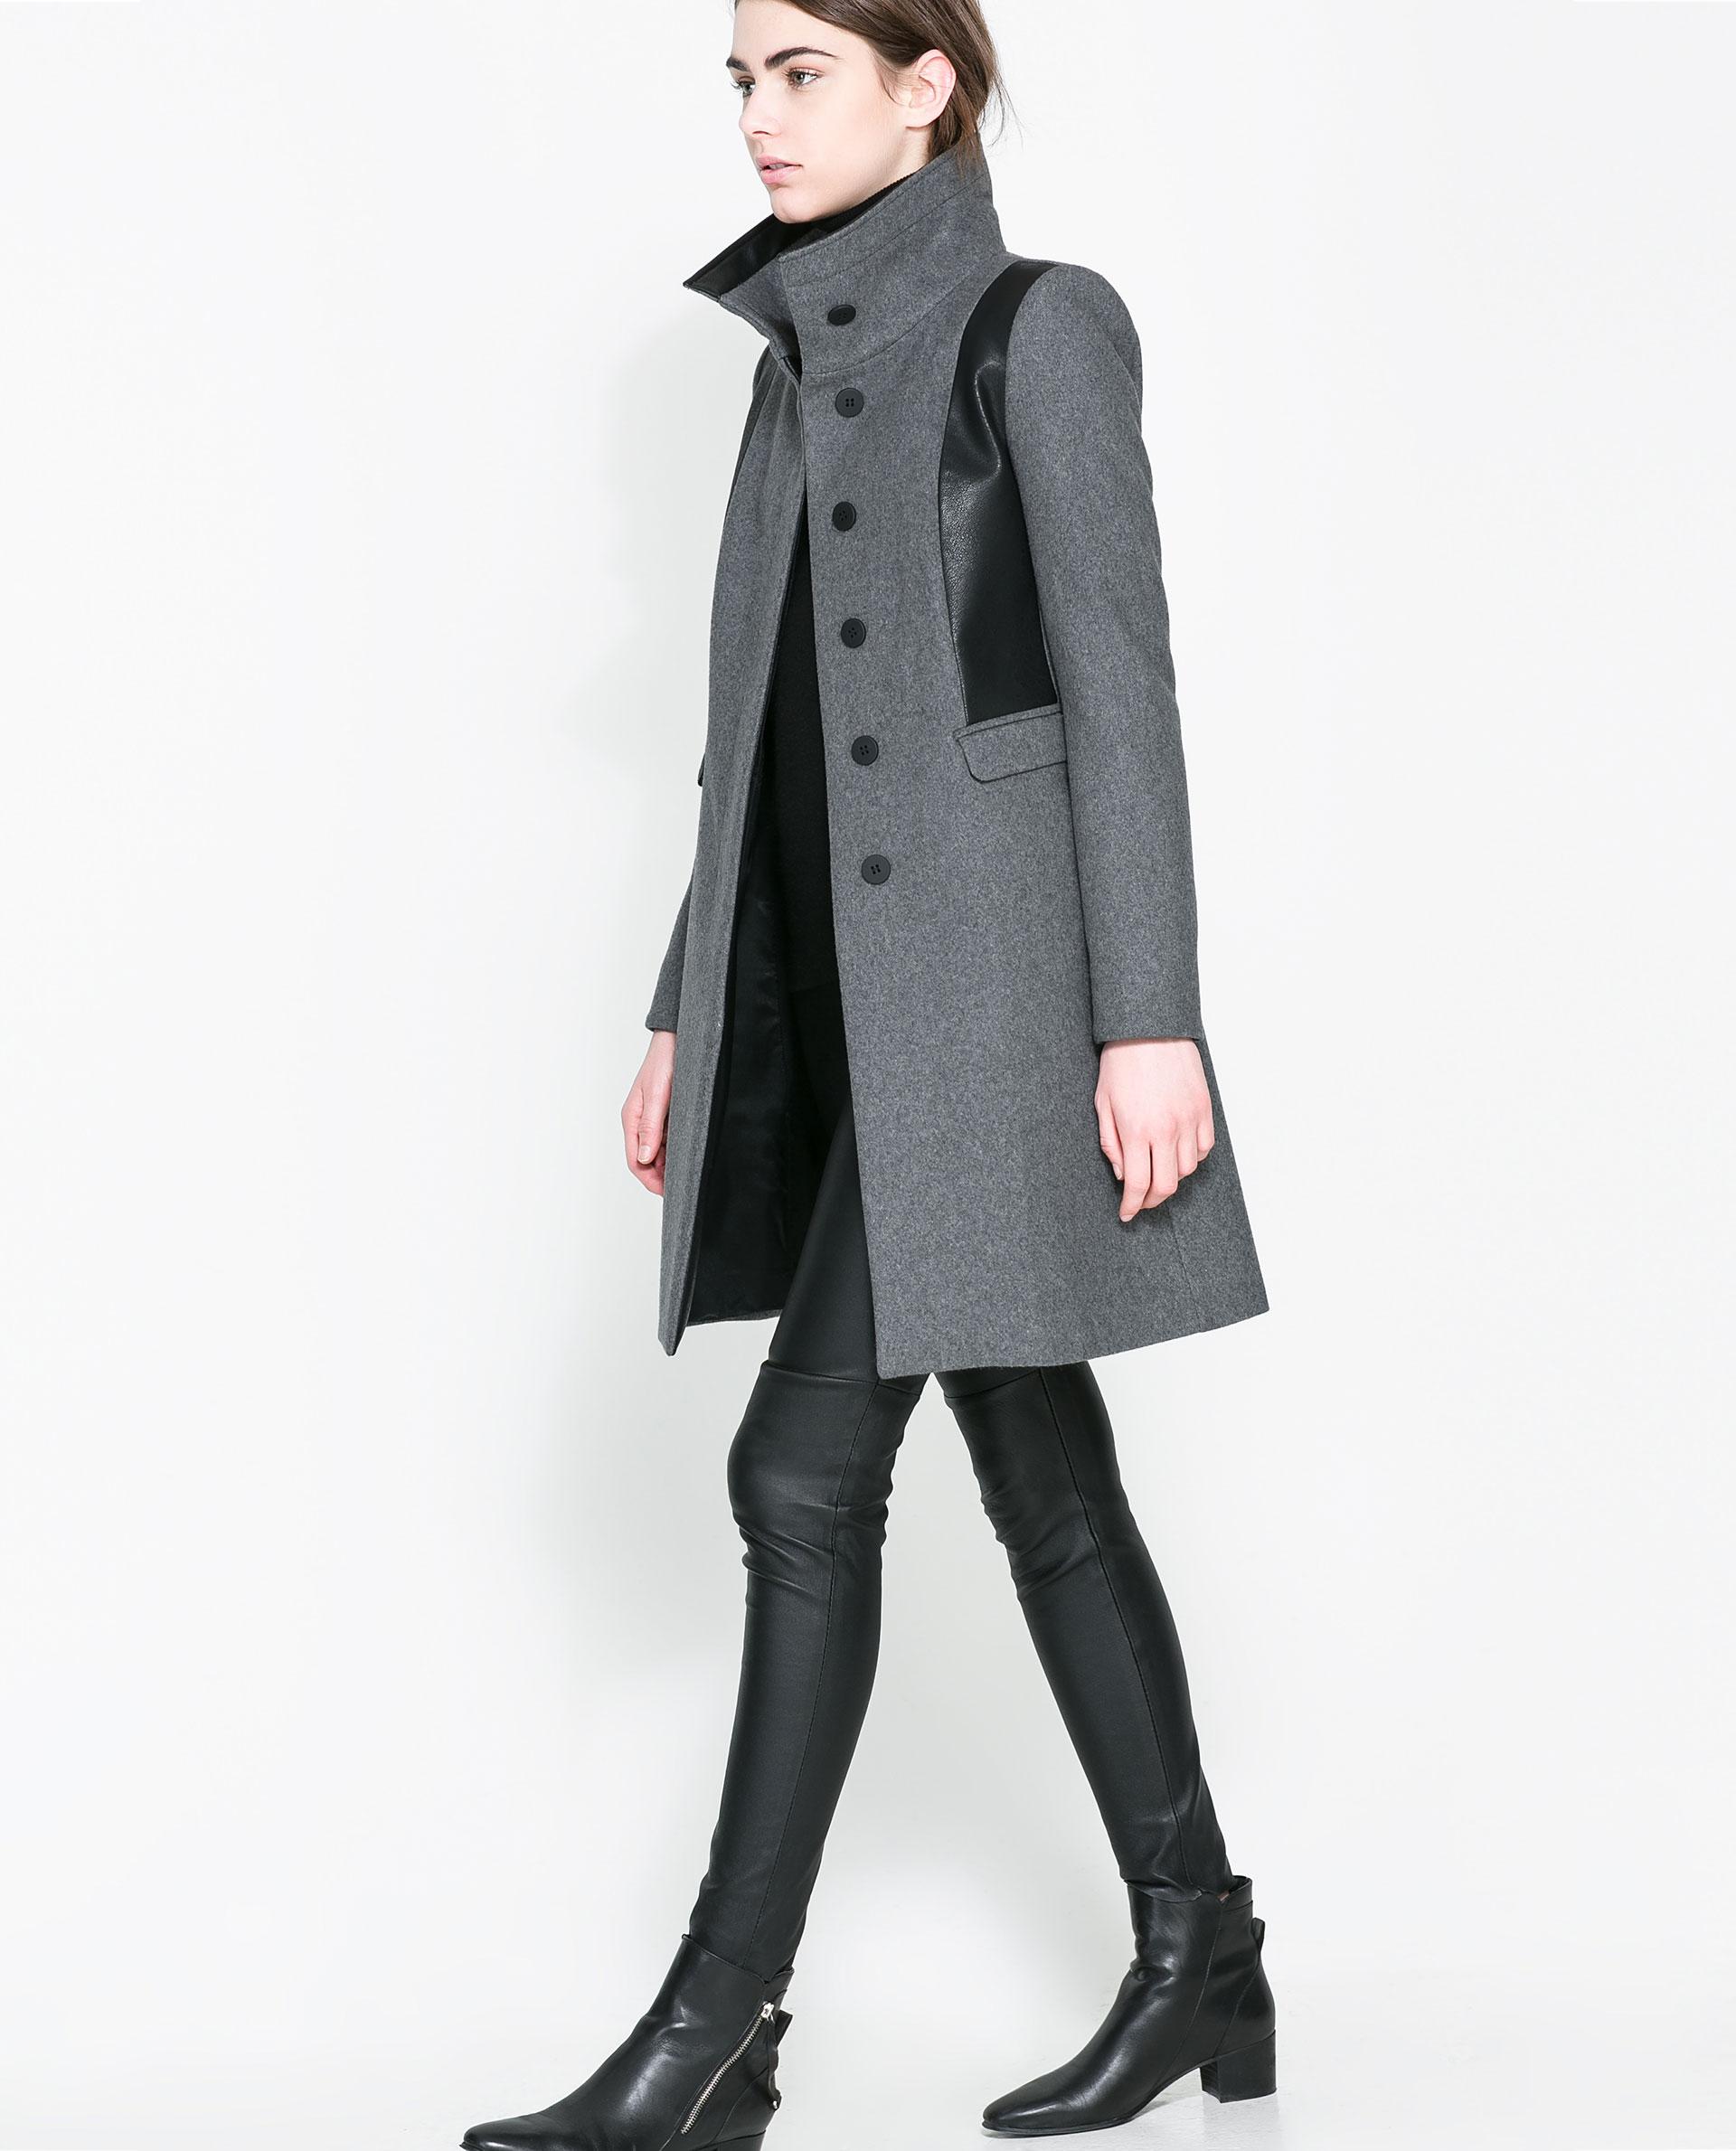 Zara Combined Wool Coat in Gray | Lyst